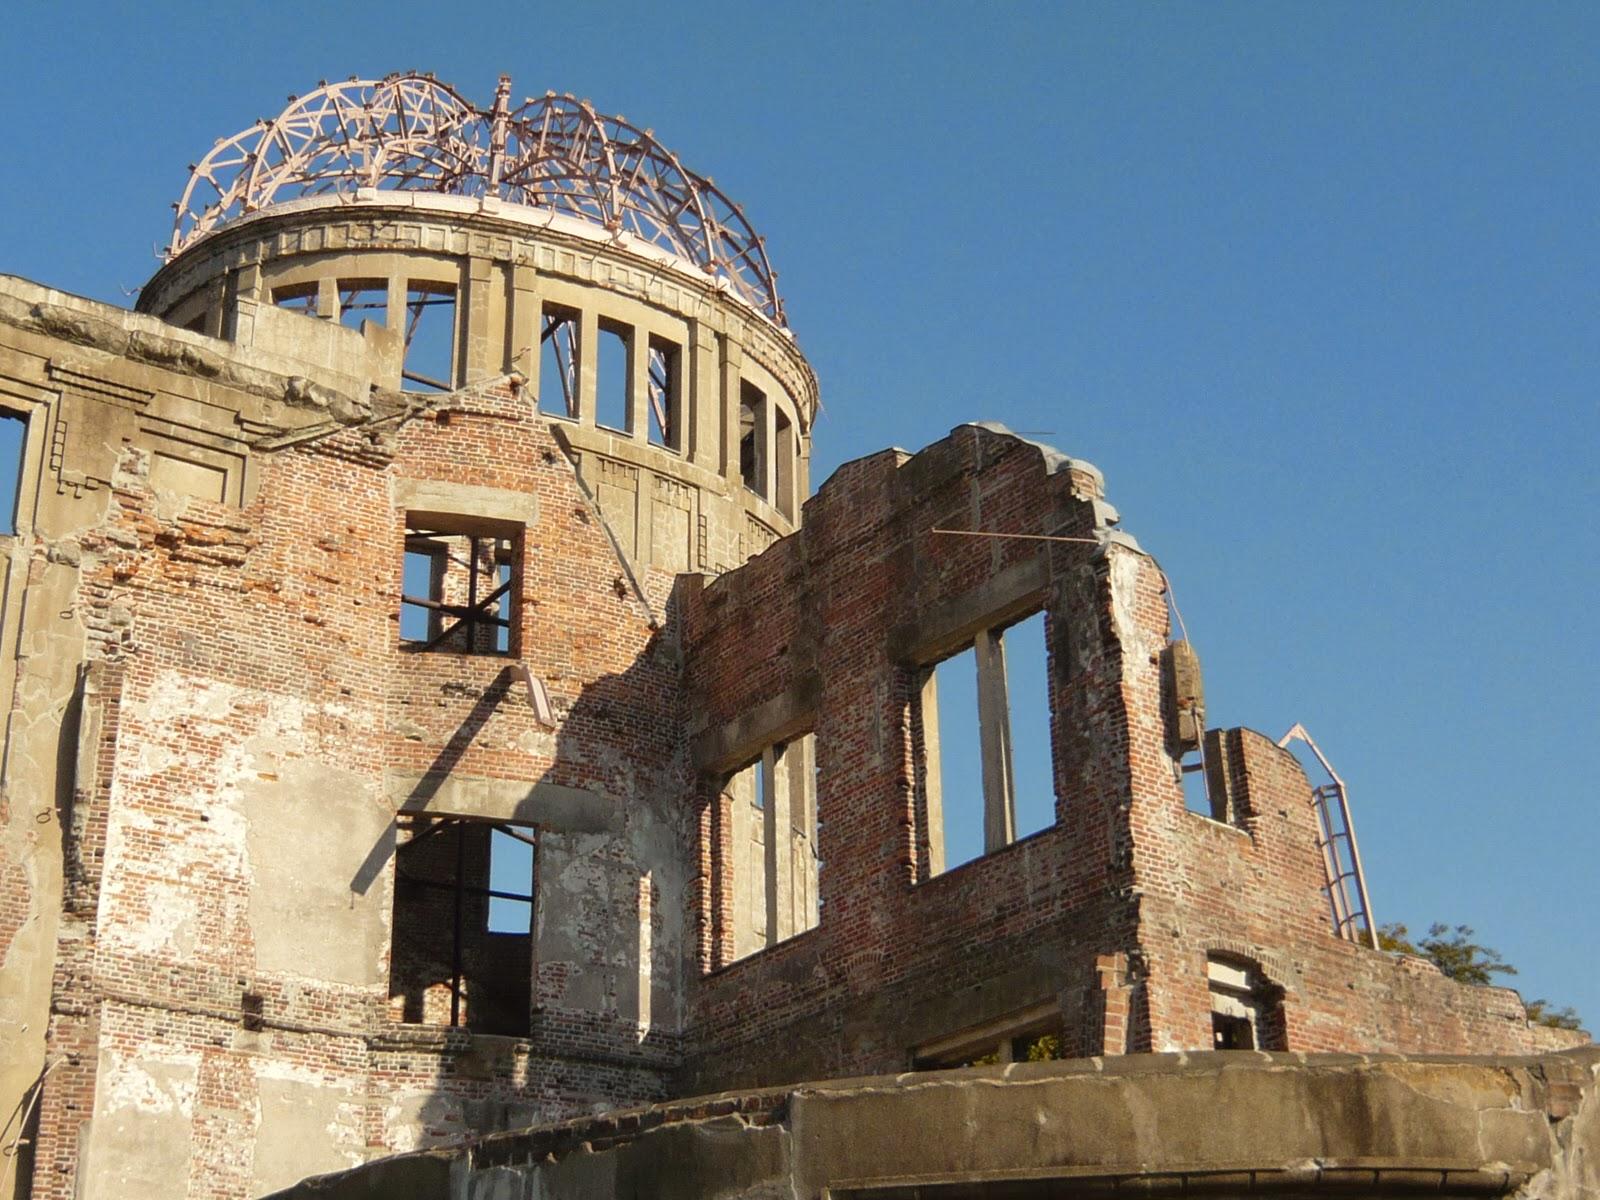 日本自由行D1+2 廣島原爆圓頂屋 和平紀念公園 世界遺產宮島